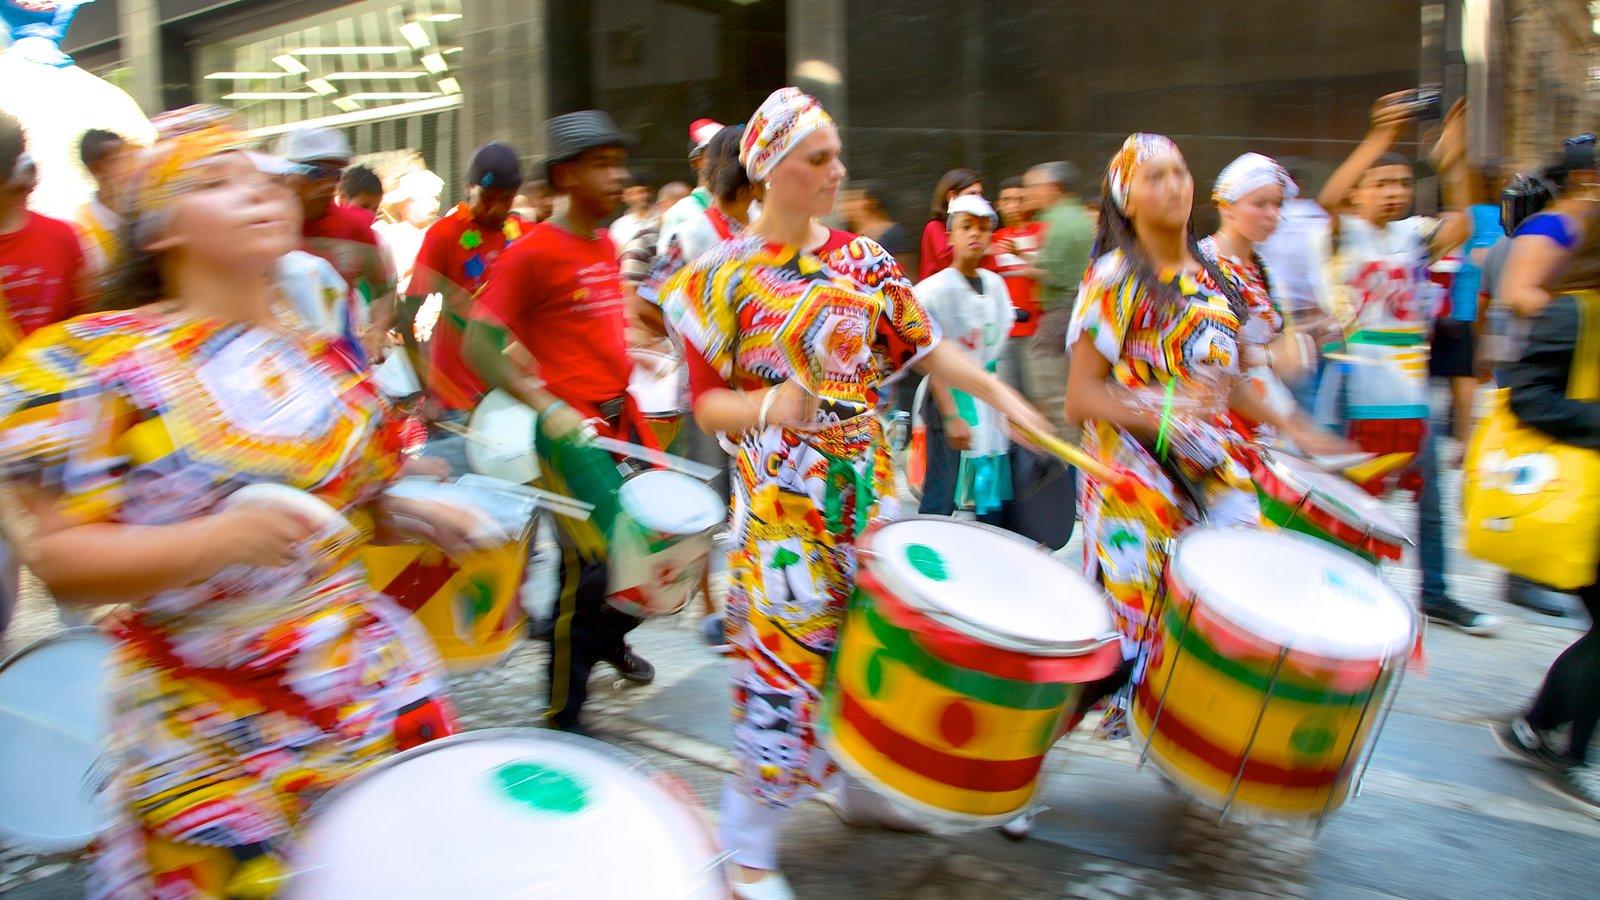 São Paulo toont straatoptredens en ook een grote groep mensen